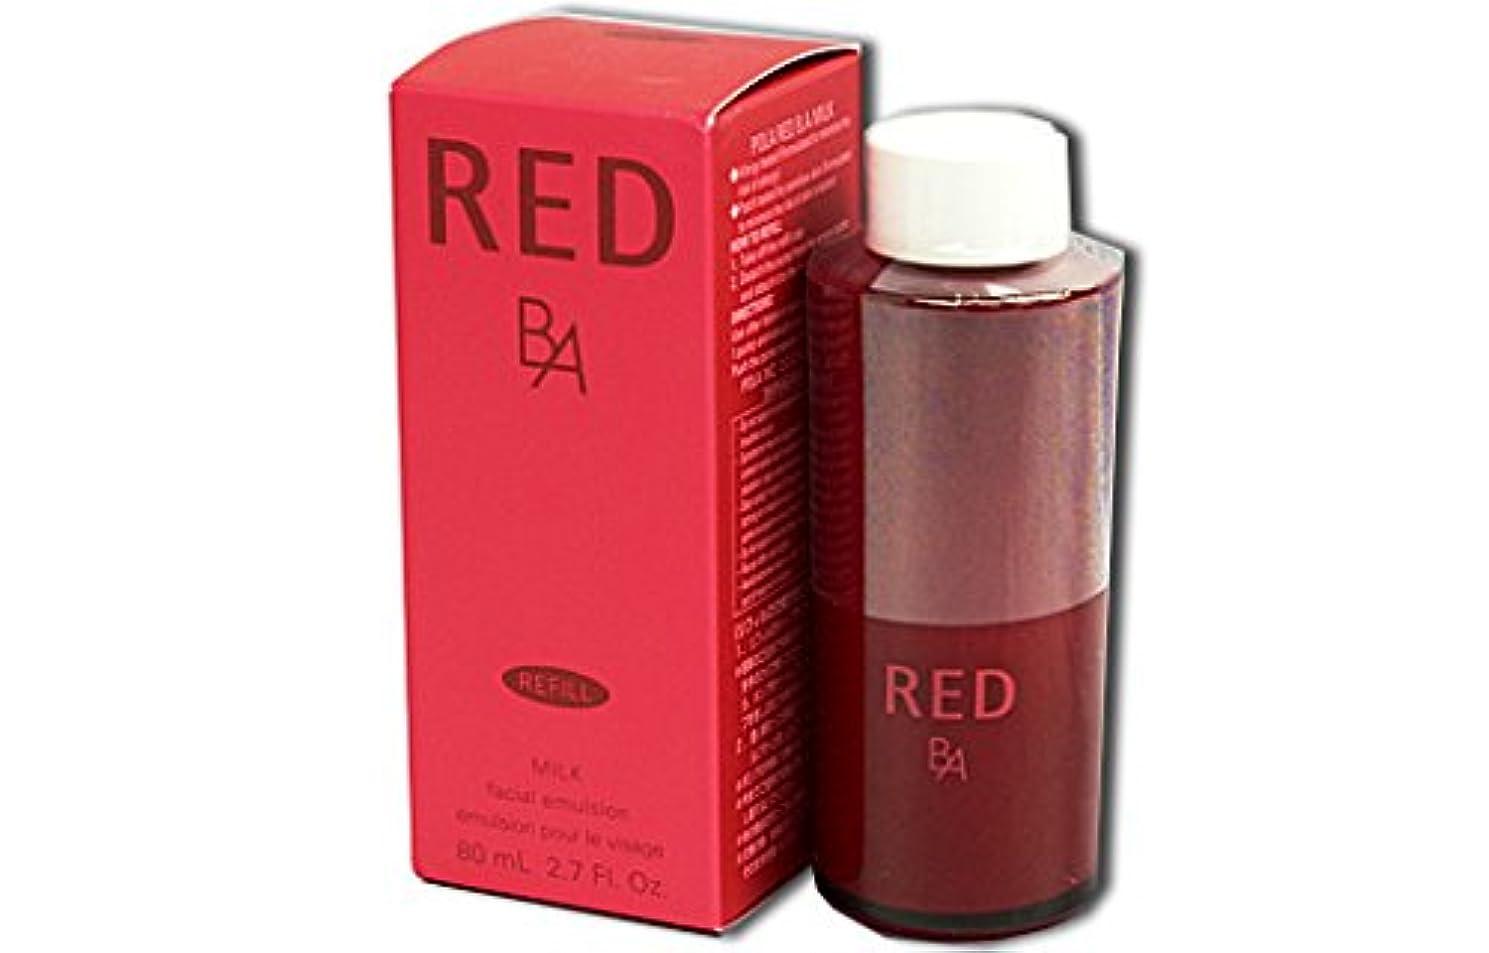 受け入れるアグネスグレイ接ぎ木POLA / ポーラ RED B.A ミルク リフィル 80ml